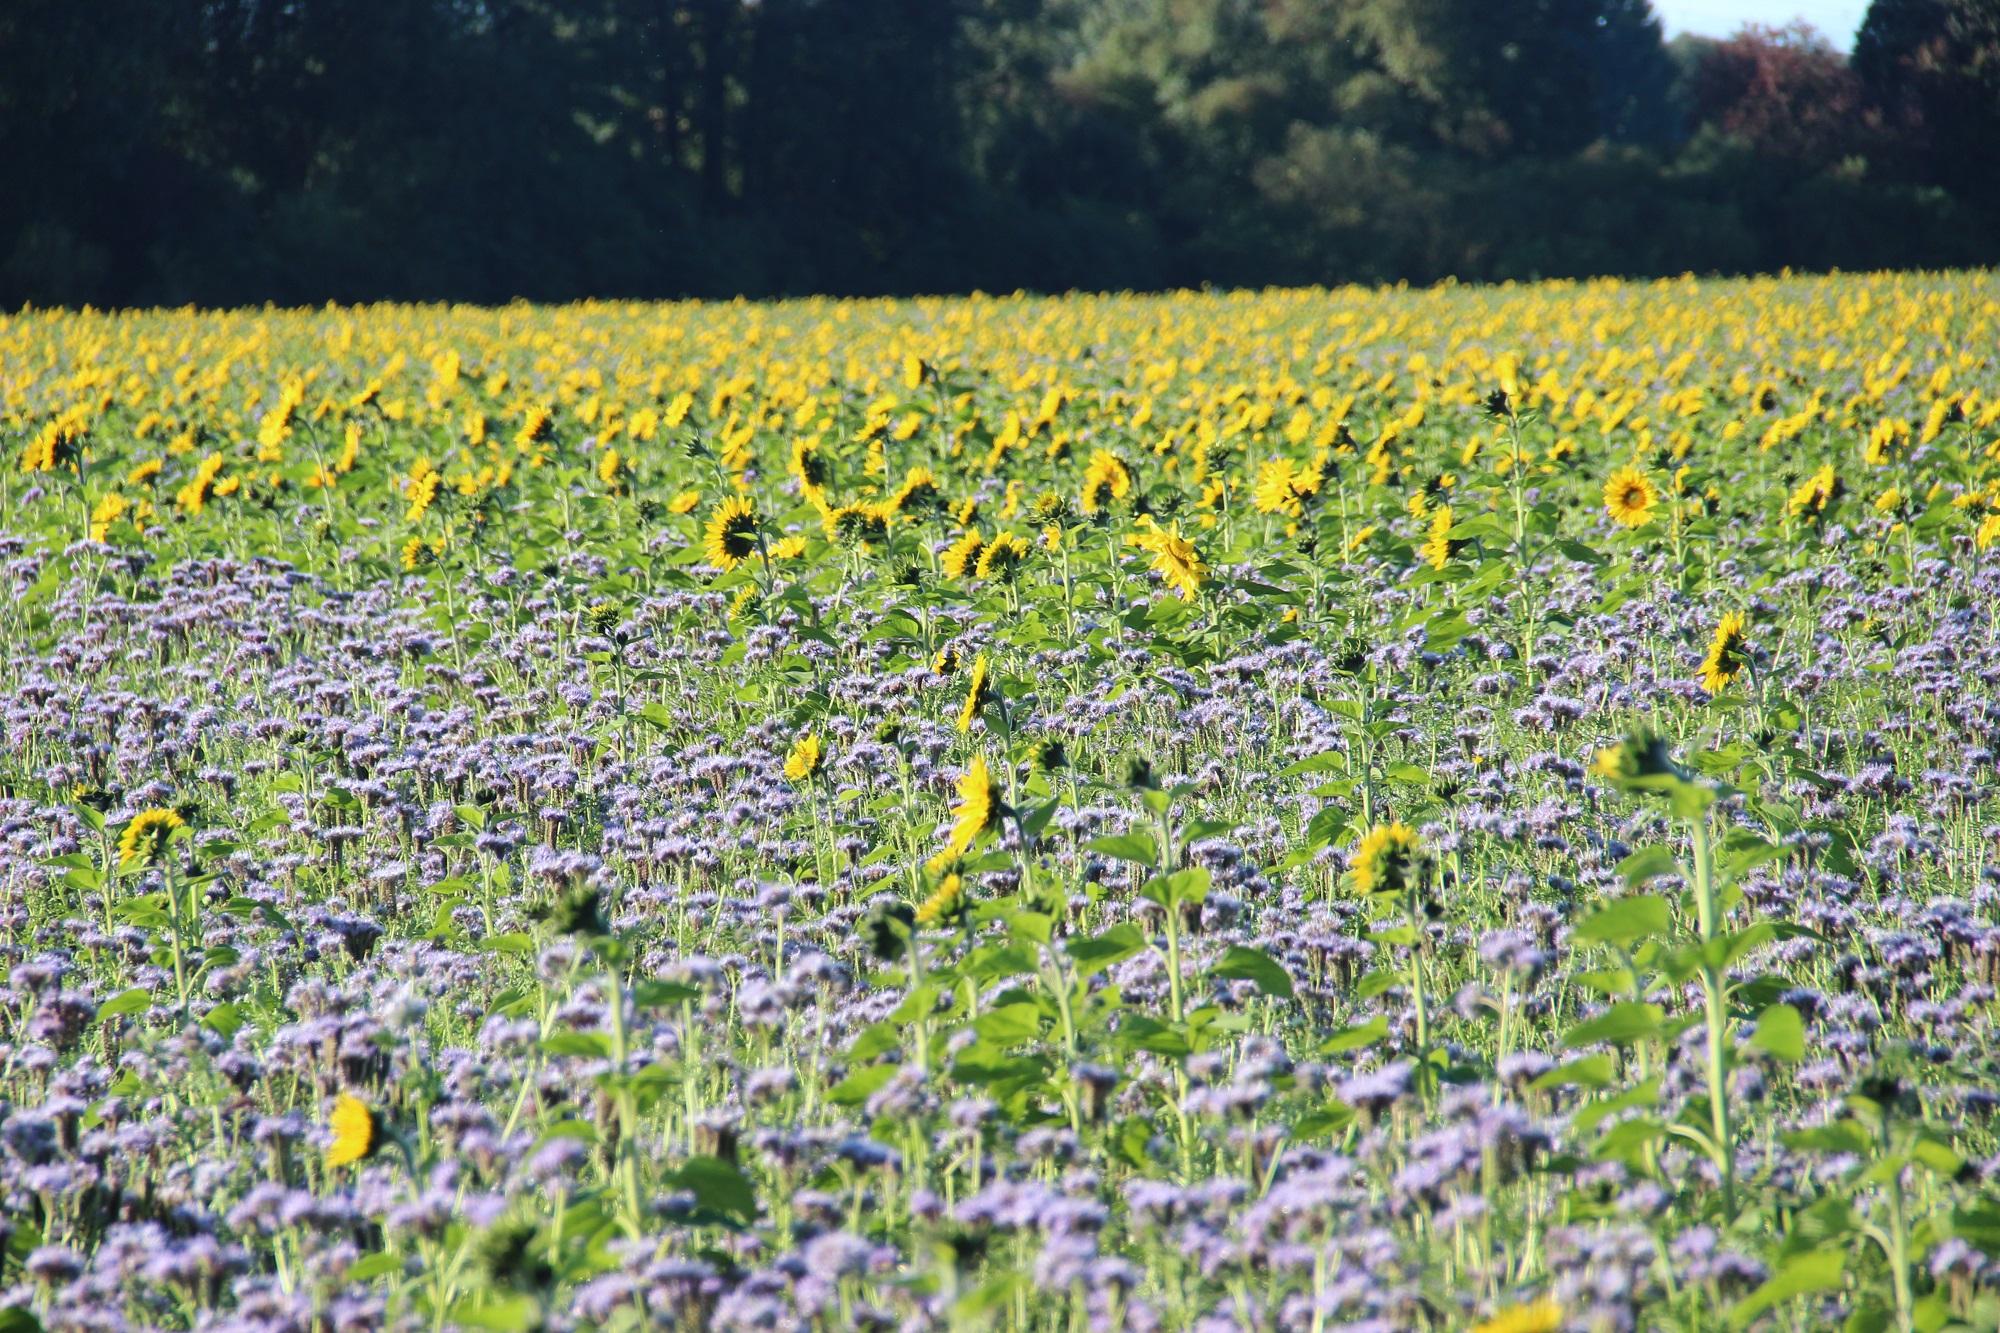 Zum Erhalt der Artenvielfalt und zur Unterstützung für die Bienen haben wir ca. 20ha Blühflächen im Anbau.